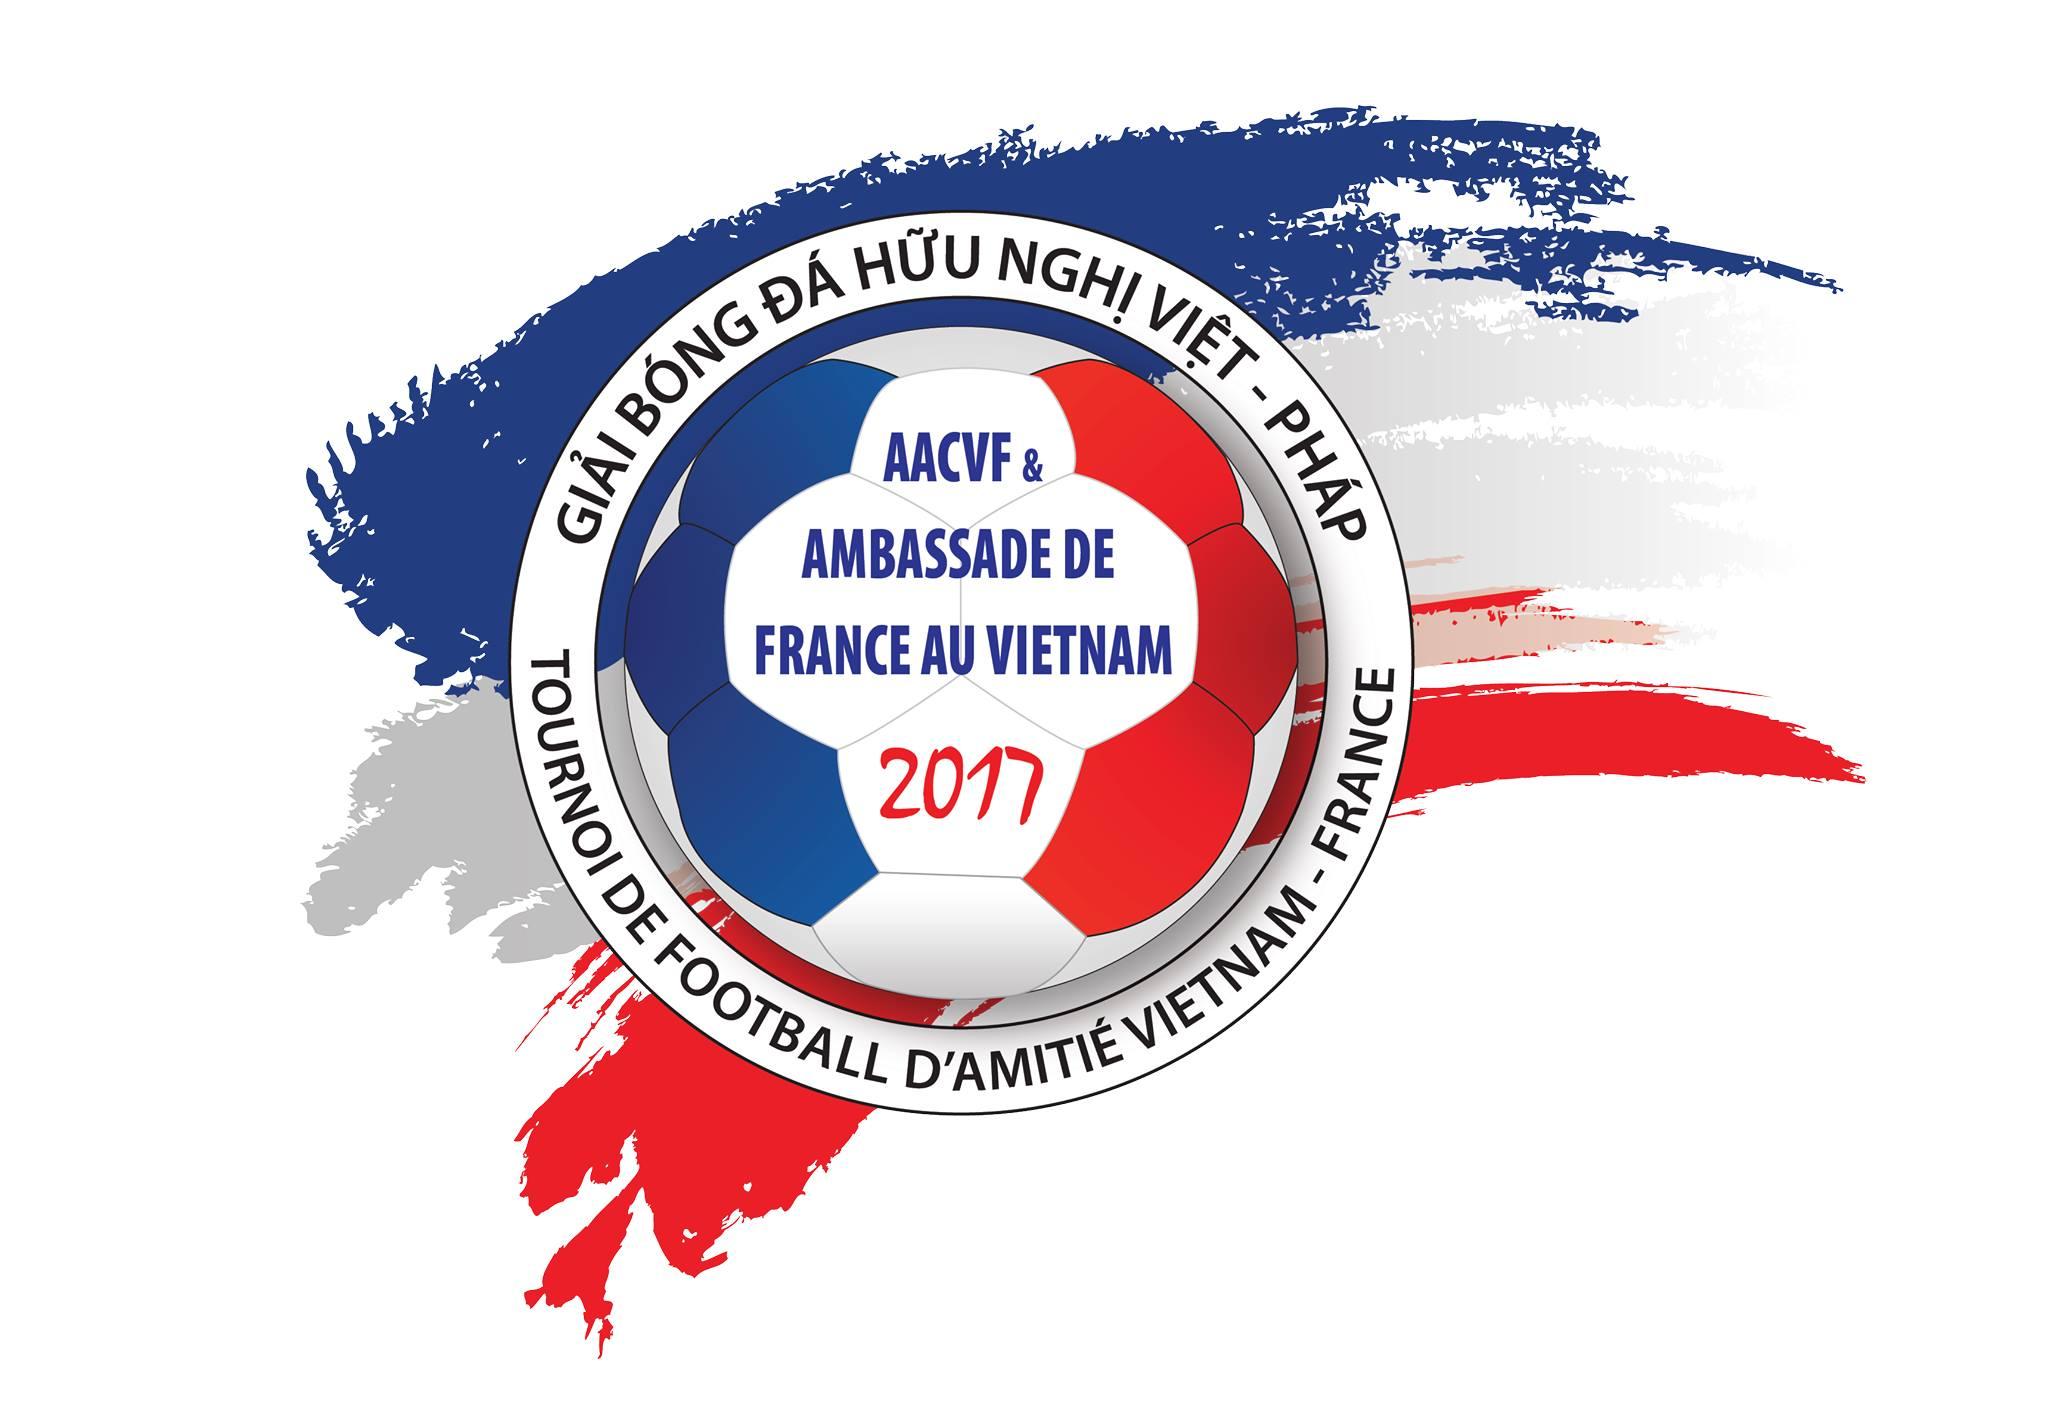 Giải bóng đá hữu nghị Việt Nam - Pháp 2017